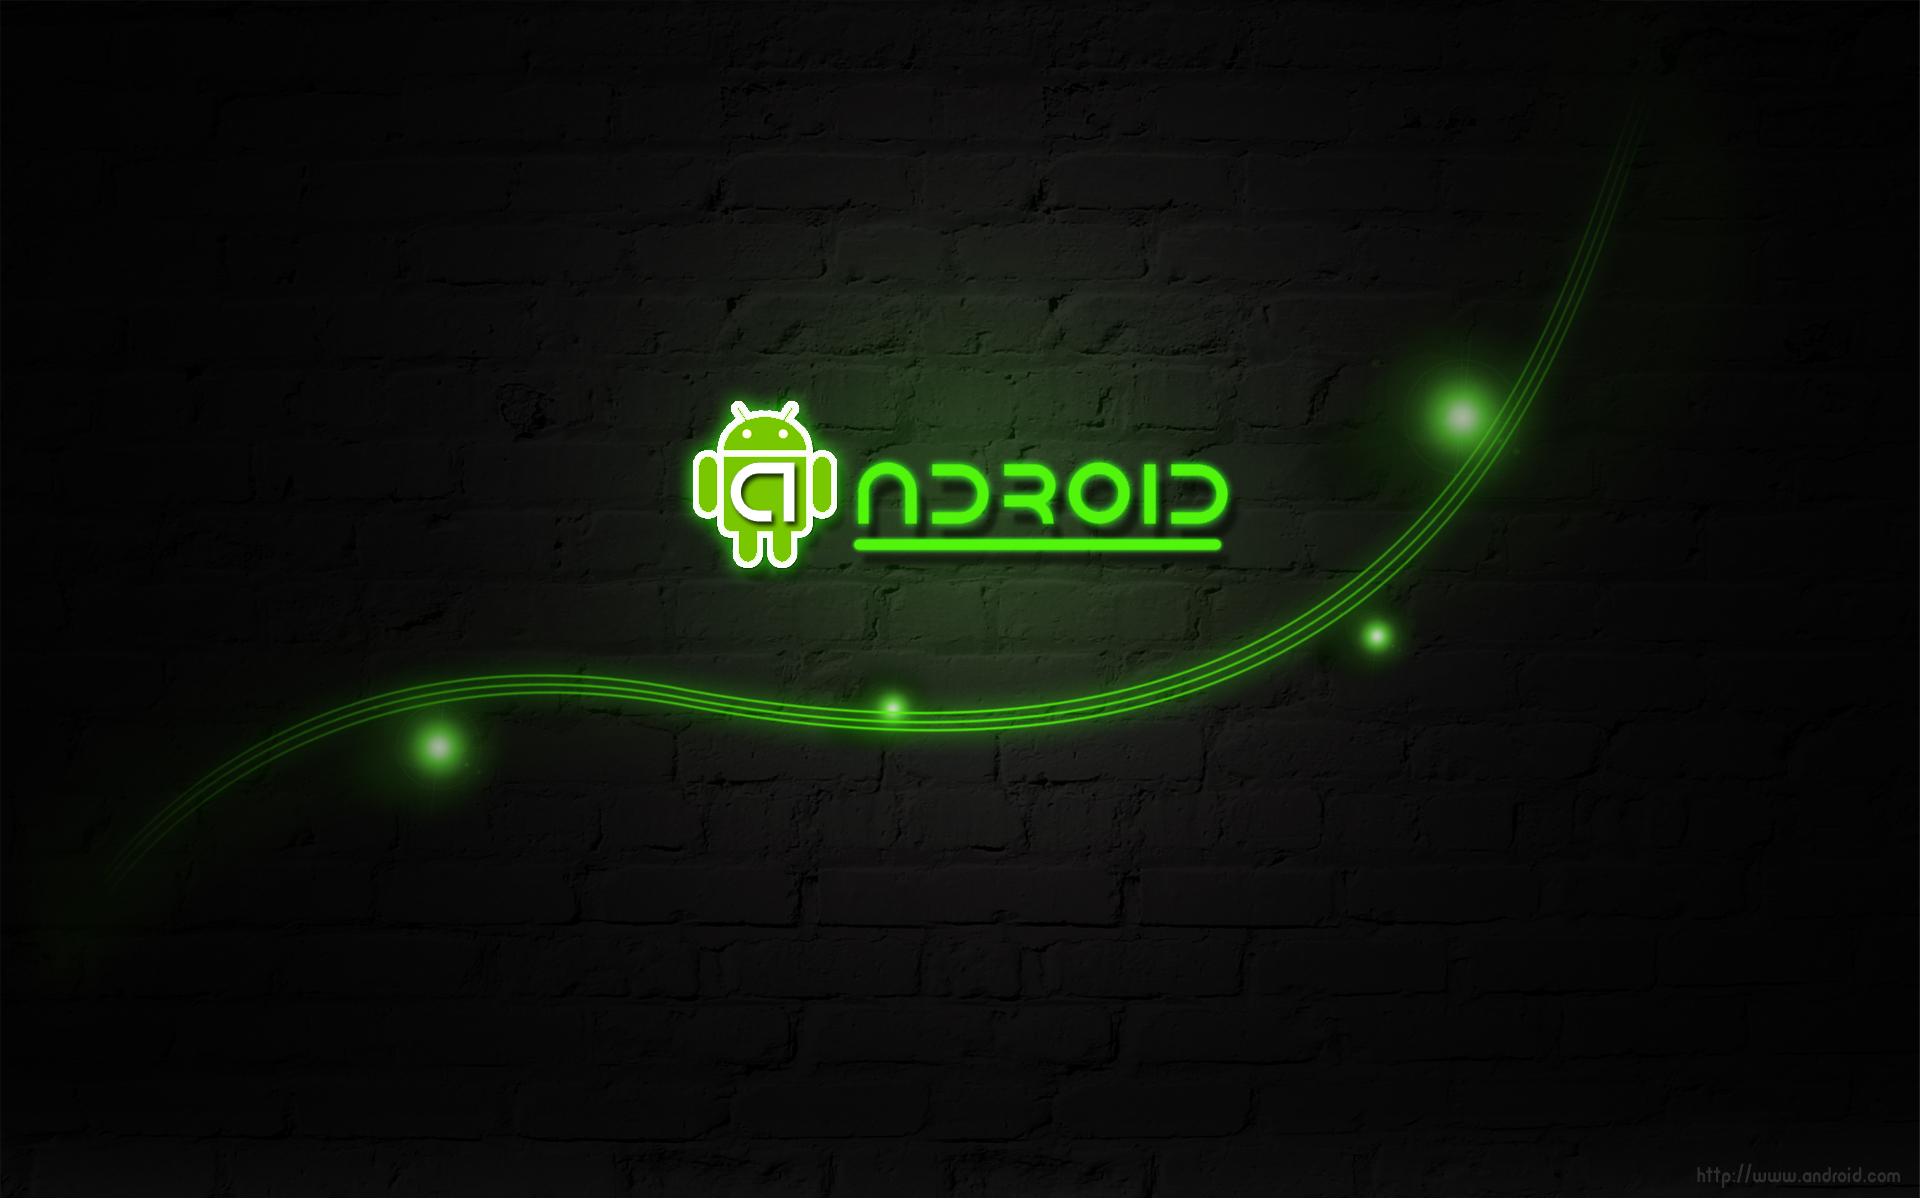 androidjpg 1920x1200